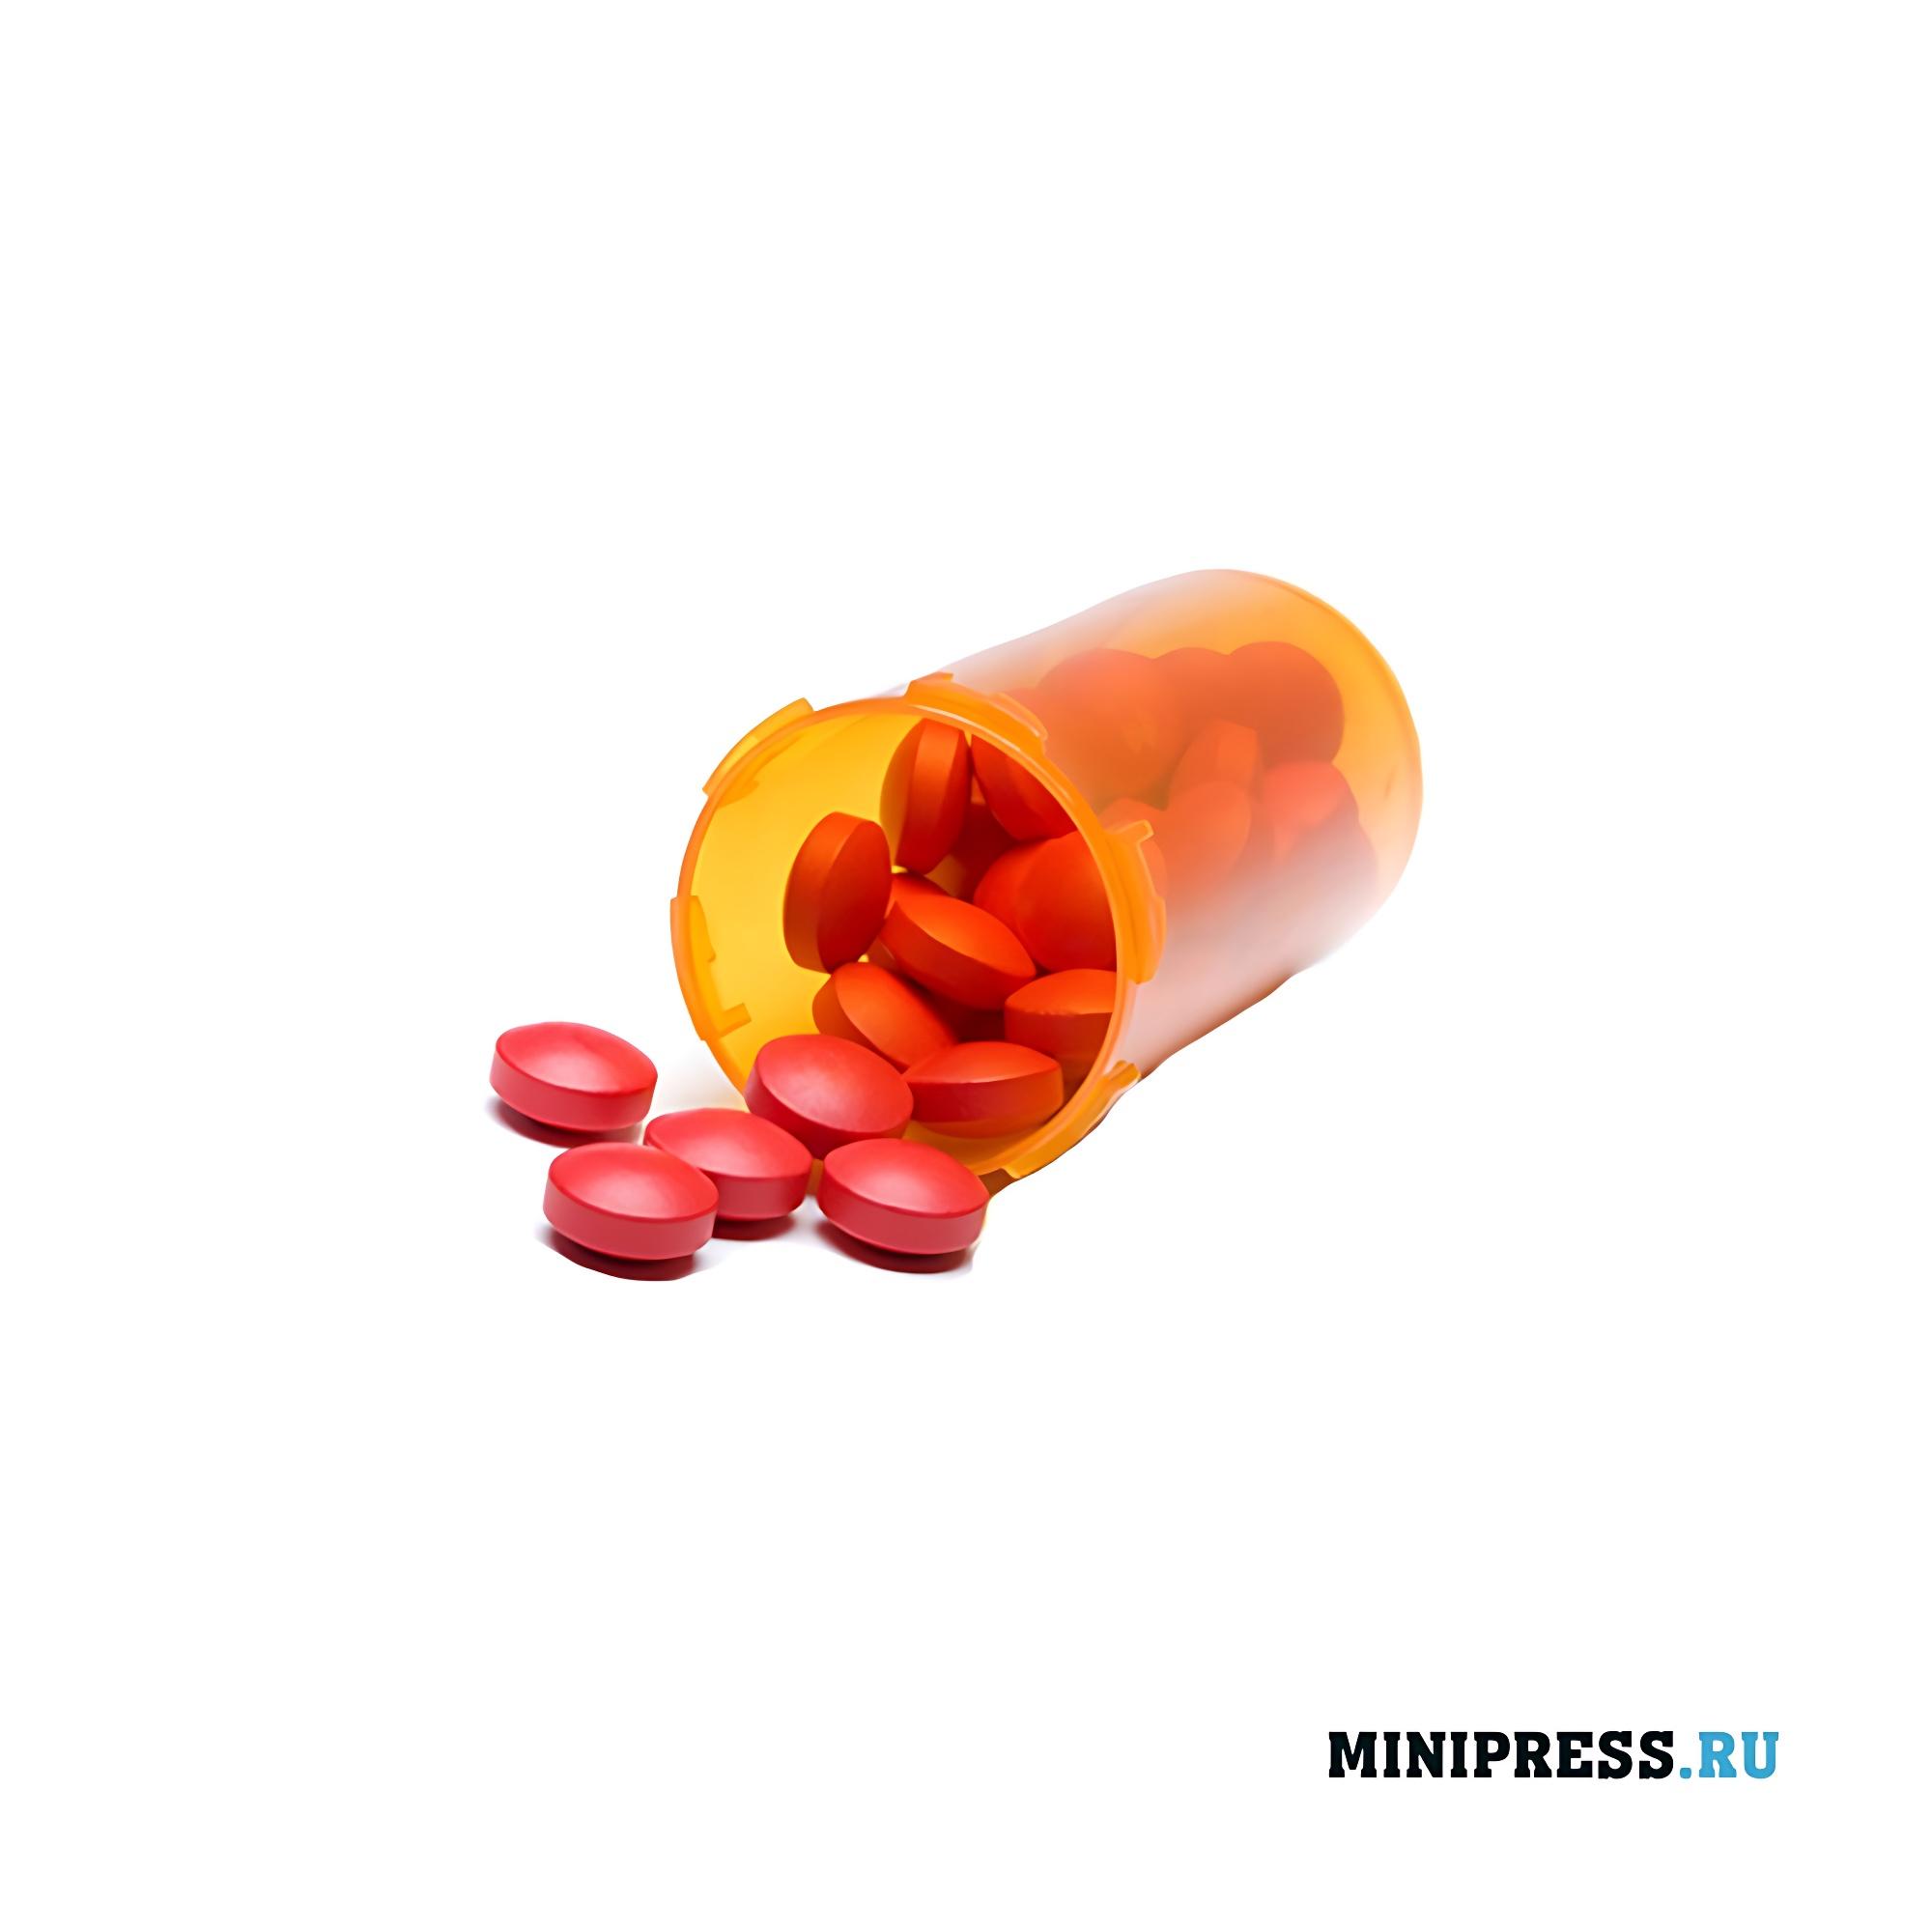 Пресованные таблетки